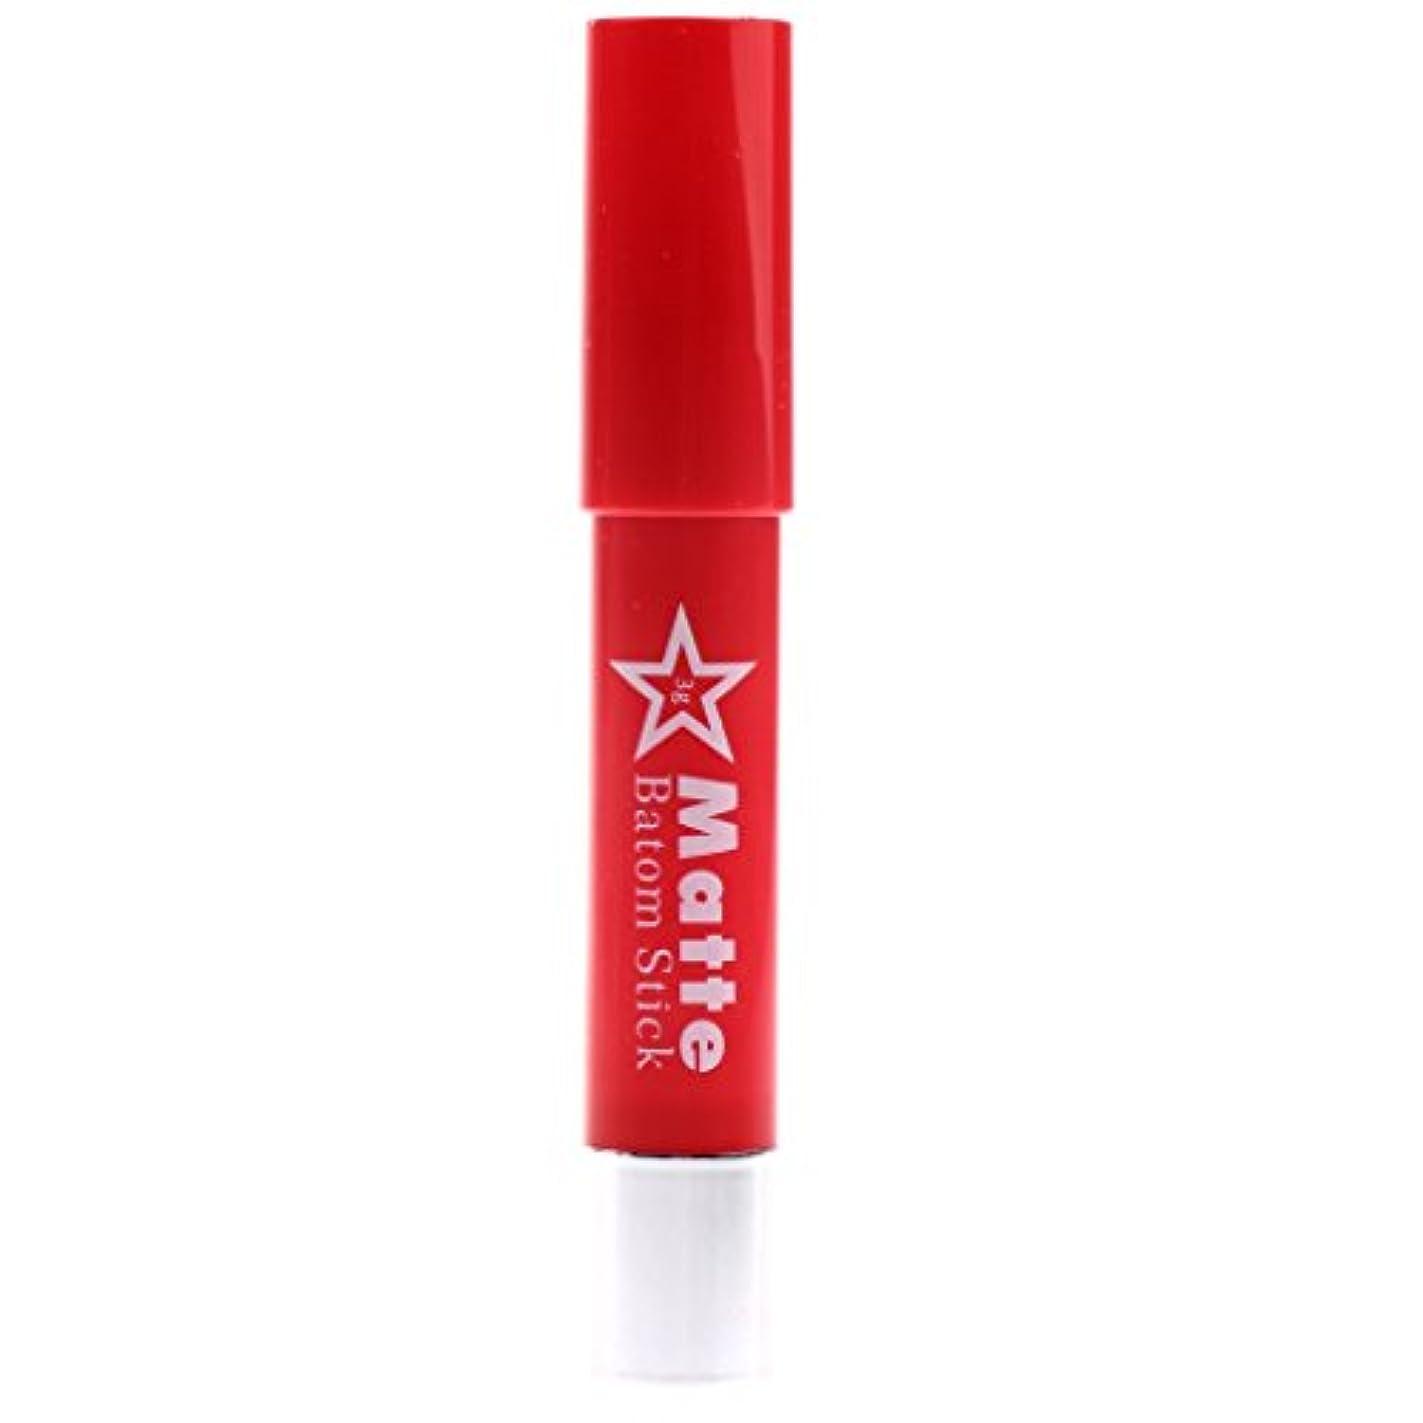 クッション株式会社賃金口紅 リップスティック マットグロスリップ 長持ち 保湿 高彩度カラー ポータブルサイズ 6色セット - #F